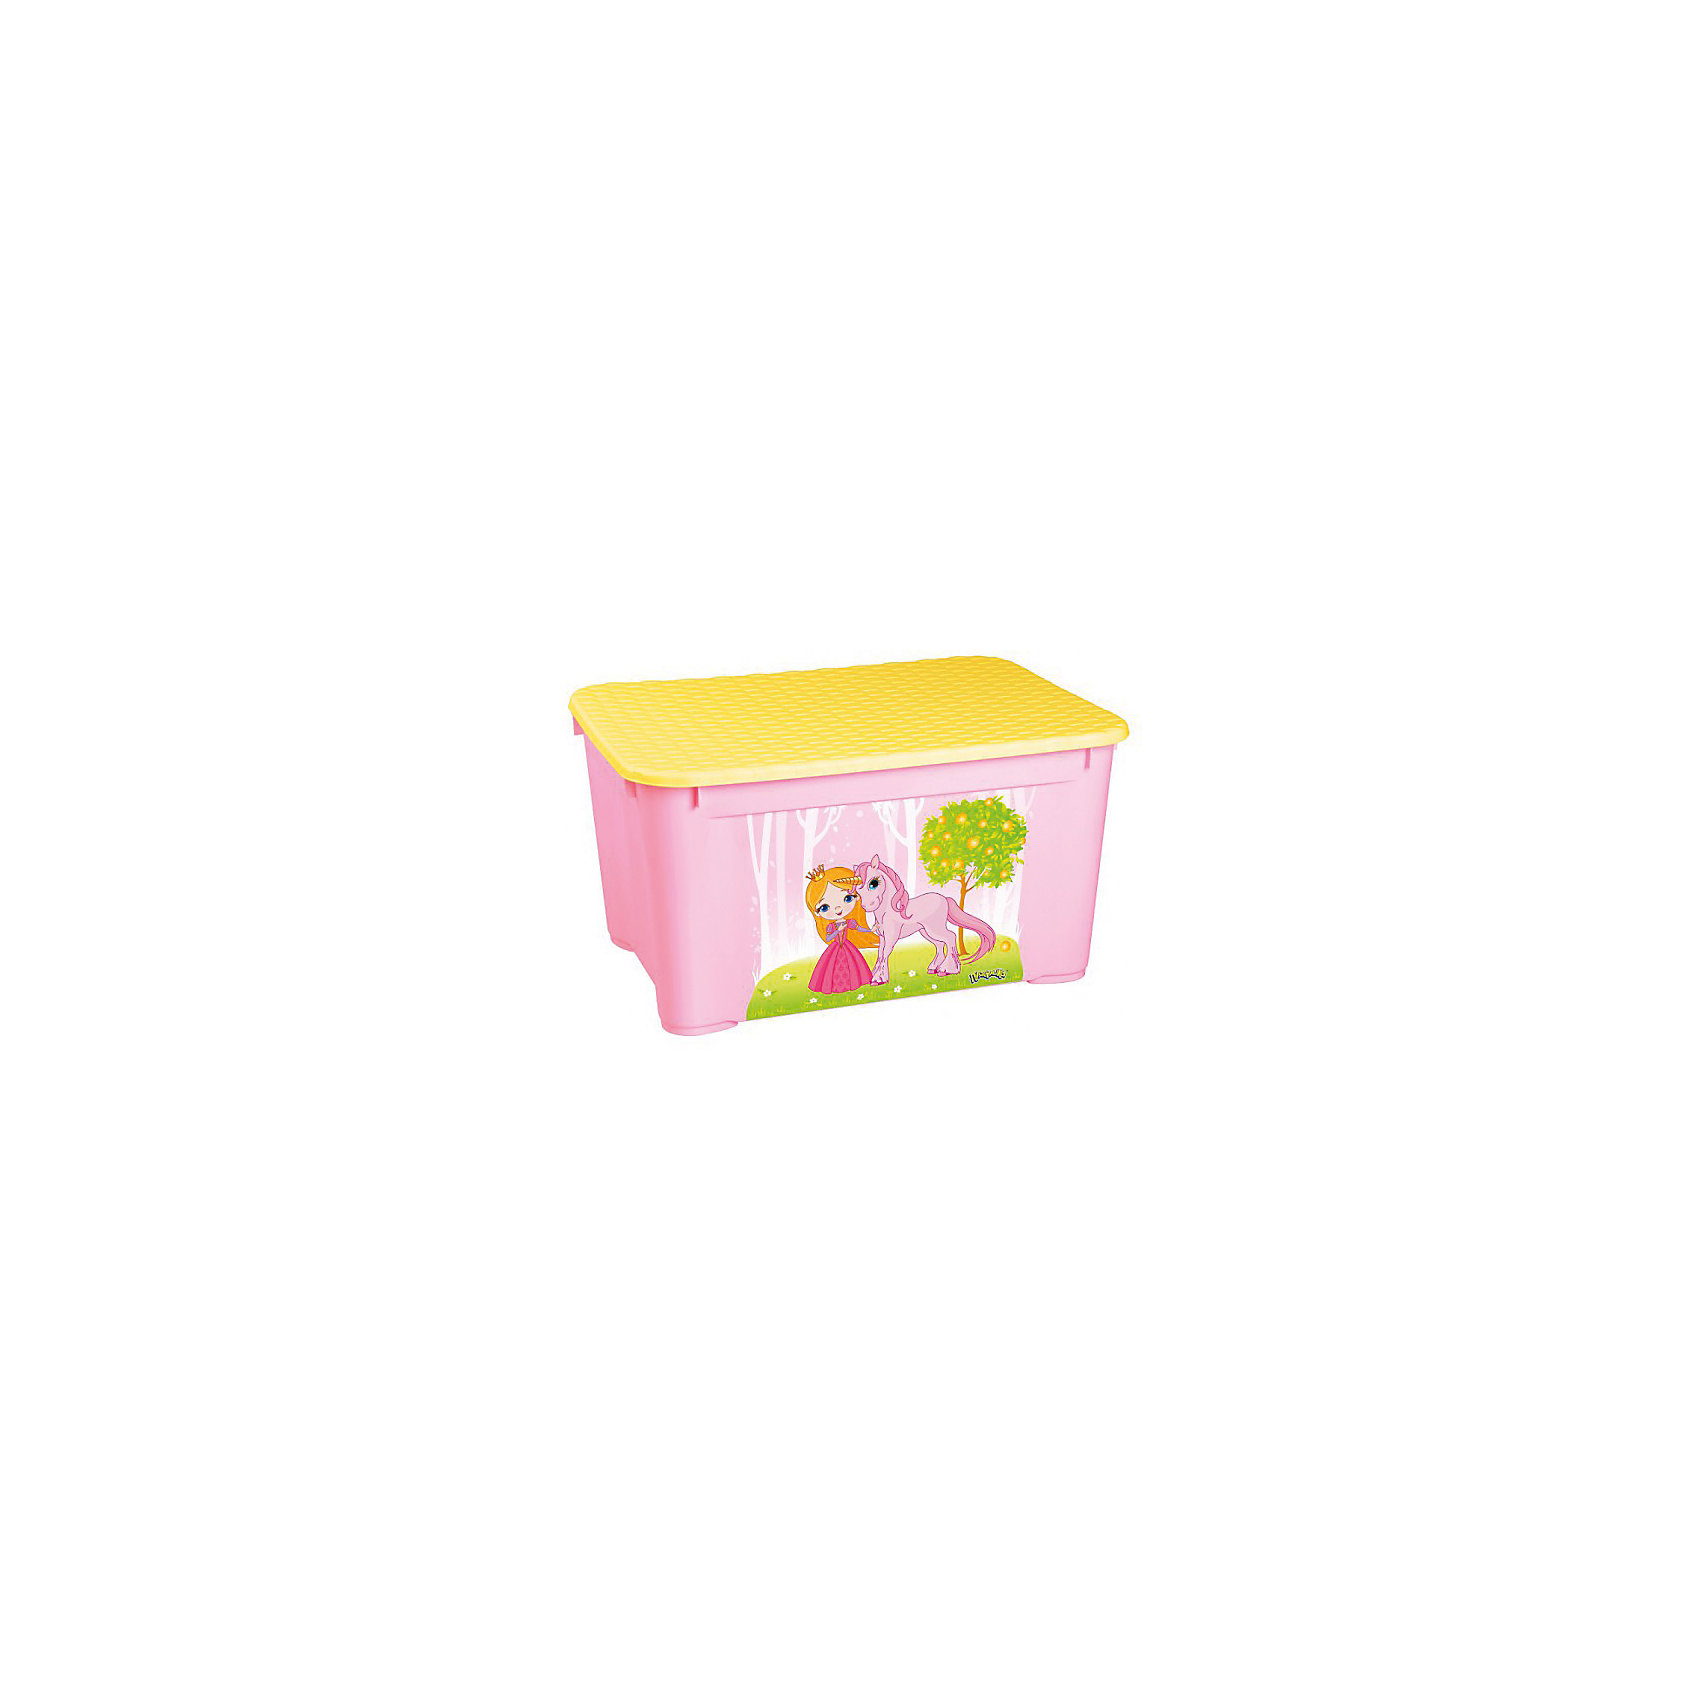 Ящик для игрушек 555х390х290 мм, Пластишка, розовыйЯщик для игрушек 555х390х290 мм, Пластишка, розовый - позволит приучить ребенка к уборке.<br>Контейнер изготовлен из качественного пластика, не токсичен для малышей. Вместительный, но в тоже время очень компактный ящик с крышечкой. Подойдет для упаковки игрушек, одежды, аксессуаров. Благодаря колесикам легко перемещается по комнате. Легкое скольжение позволит малышу самому привозить и увозить ящик.<br><br>Дополнительная информация: <br><br>- материал: полипропилен<br>- цвет: розовый<br>- размер: 555х390х290 мм<br><br>Ящик для игрушек 555х390х290 мм, Пластишка, розовый можно купить в нашем интернет магазине.<br><br>Ширина мм: 560<br>Глубина мм: 390<br>Высота мм: 500<br>Вес г: 1396<br>Возраст от месяцев: 12<br>Возраст до месяцев: 72<br>Пол: Женский<br>Возраст: Детский<br>SKU: 4972223